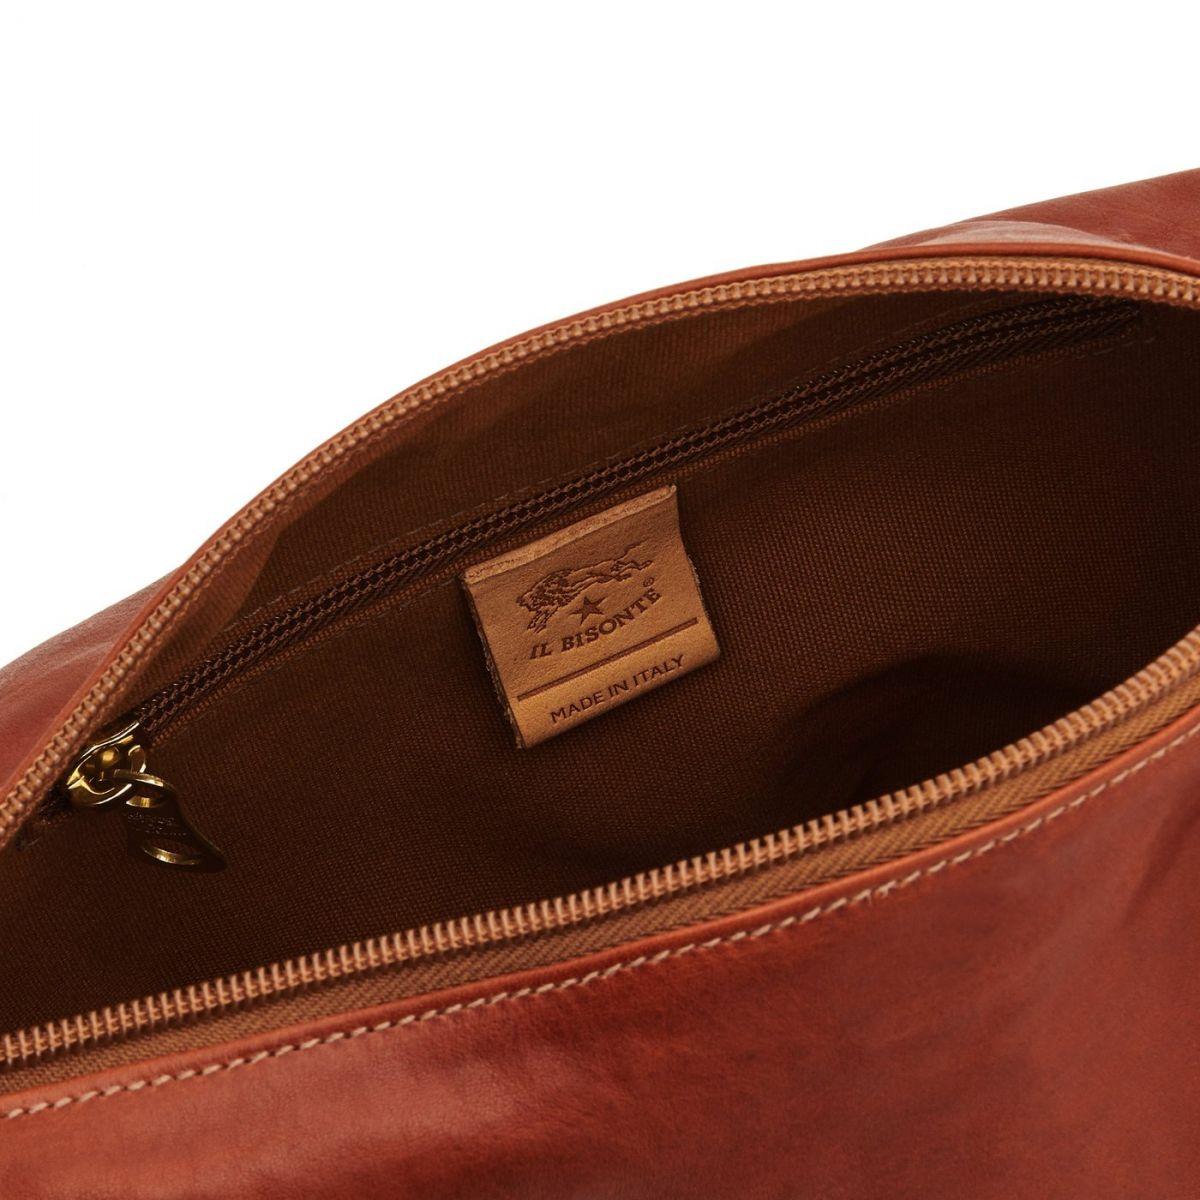 Sac Bandouliere pour Femme en Cuir De Vachette Vintage BCR012 couleur Brun Foncé Seppia | Details